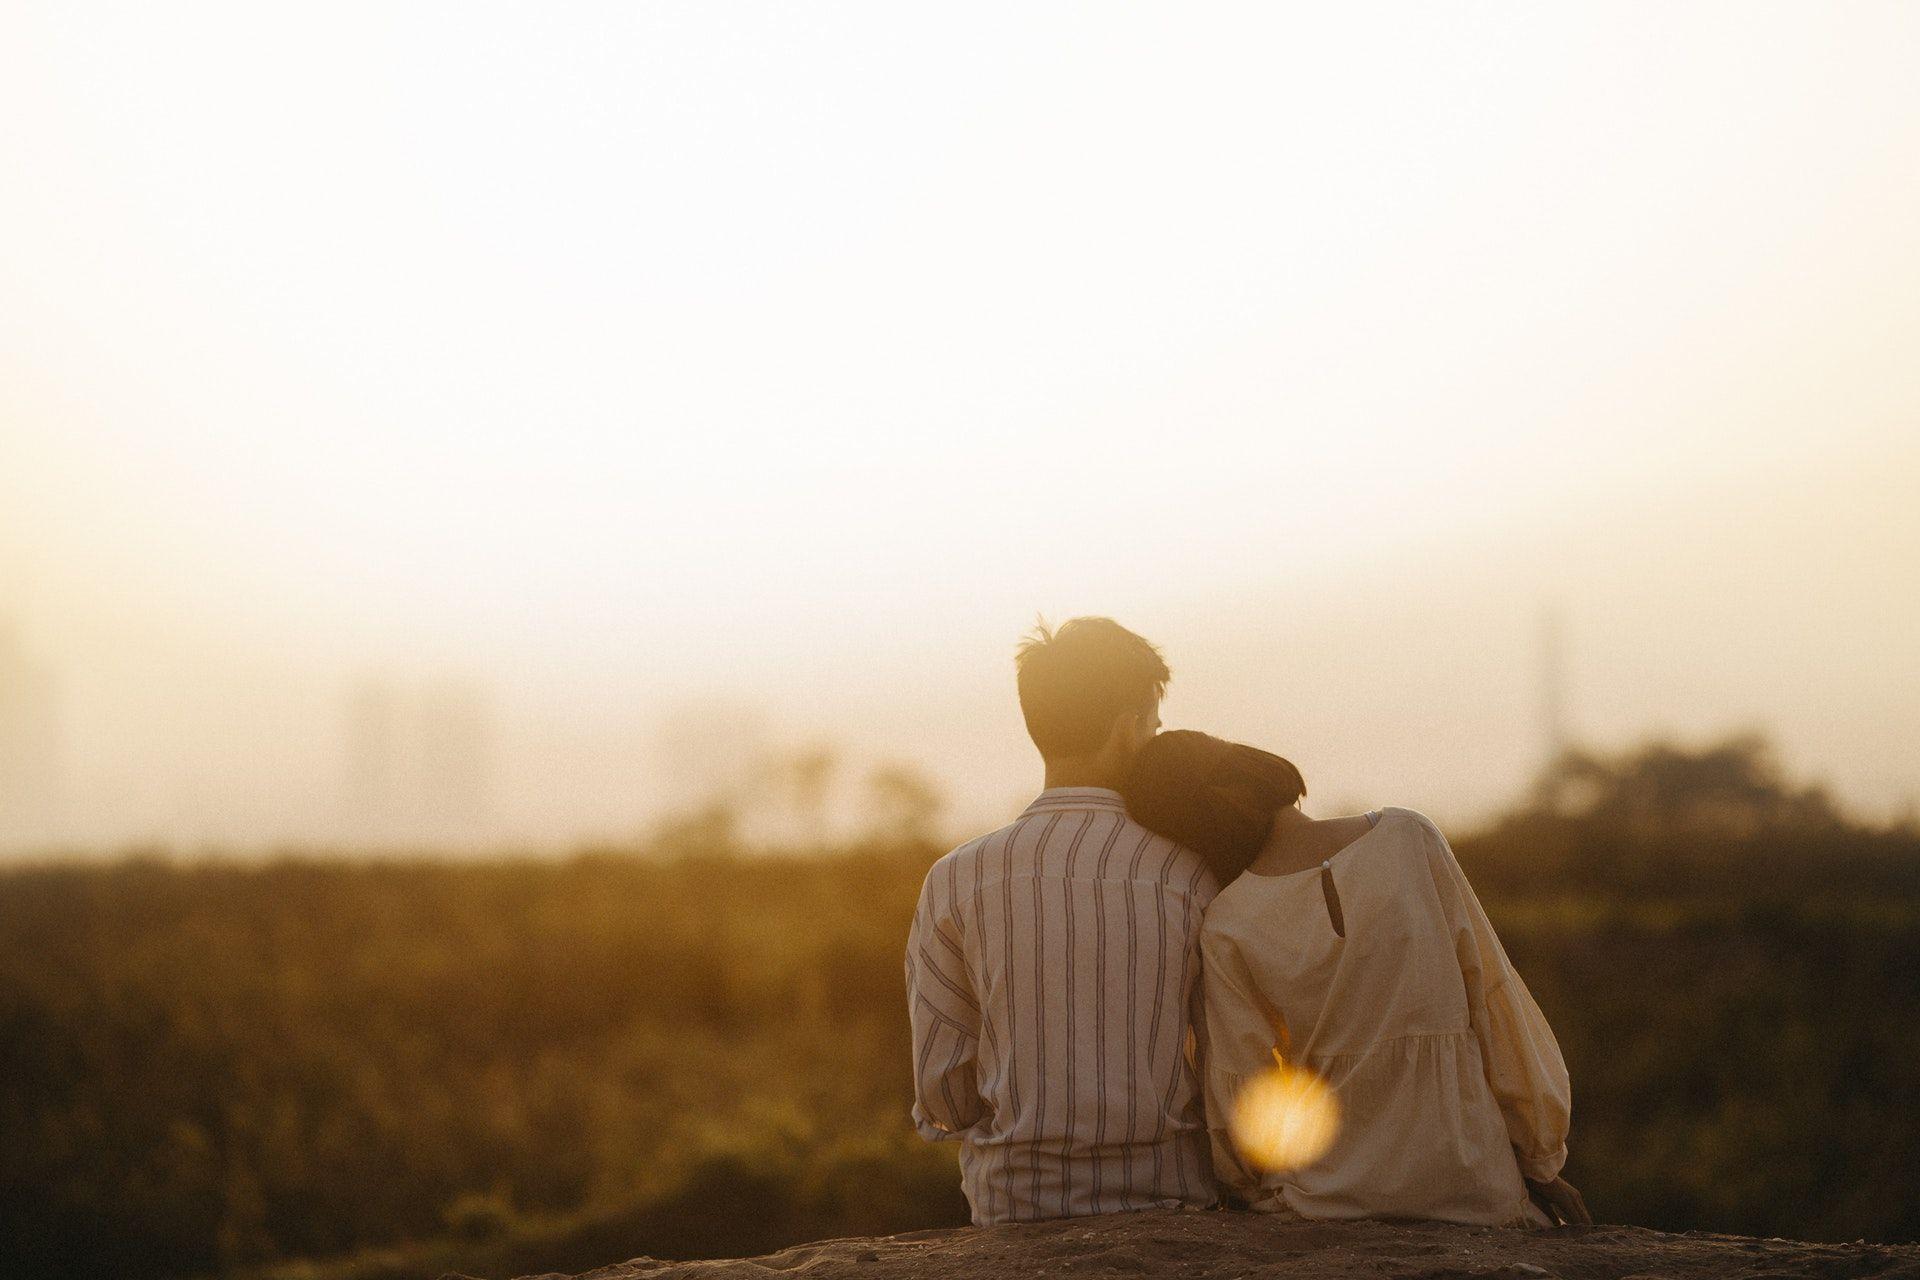 عکس زمینه زن و مرد عاشقانه در نزدیکی چمن پس زمینه